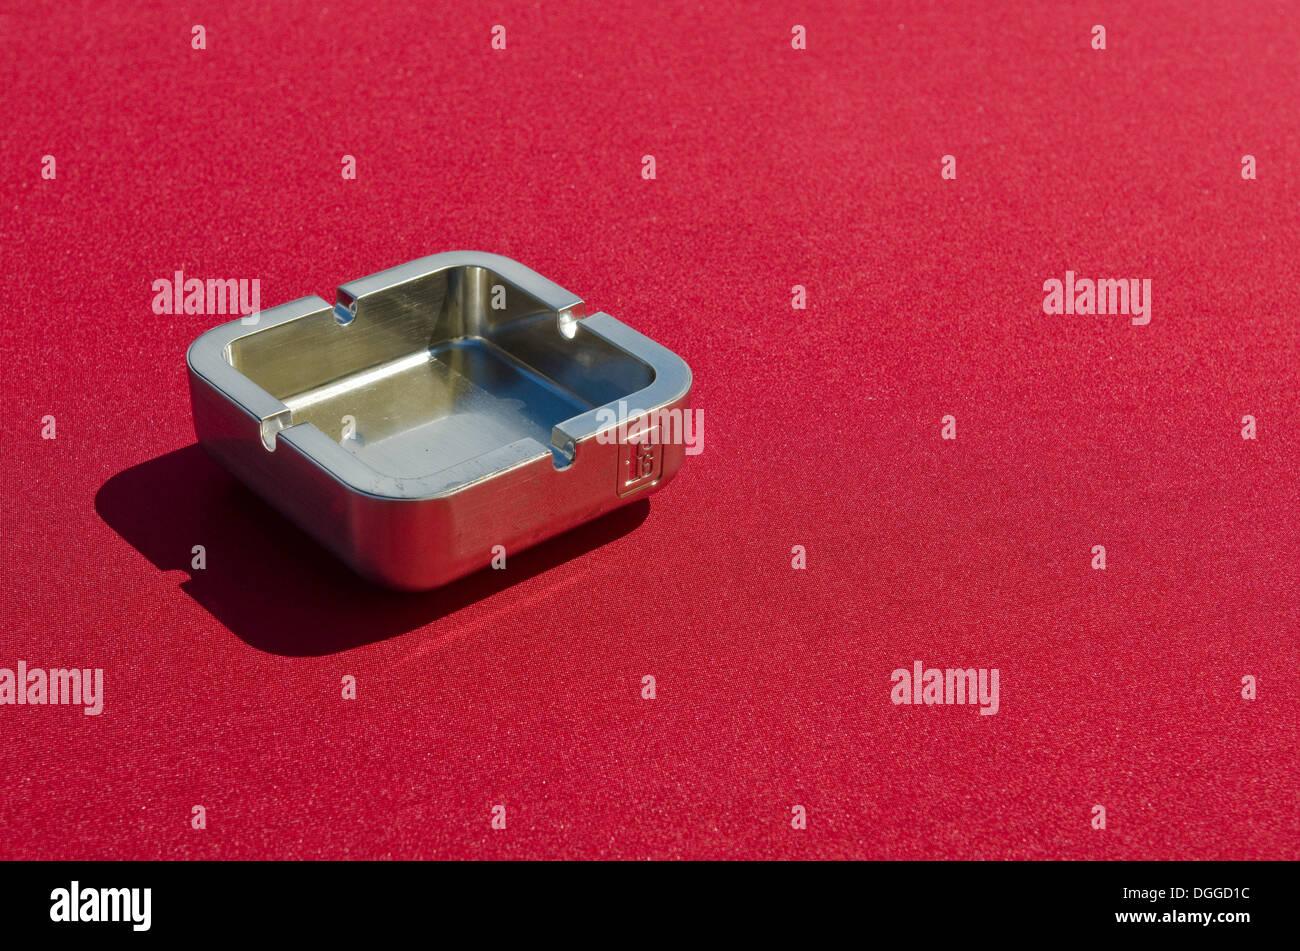 Metall Aschenbecher auf einer roten Tischdecke Stockbild